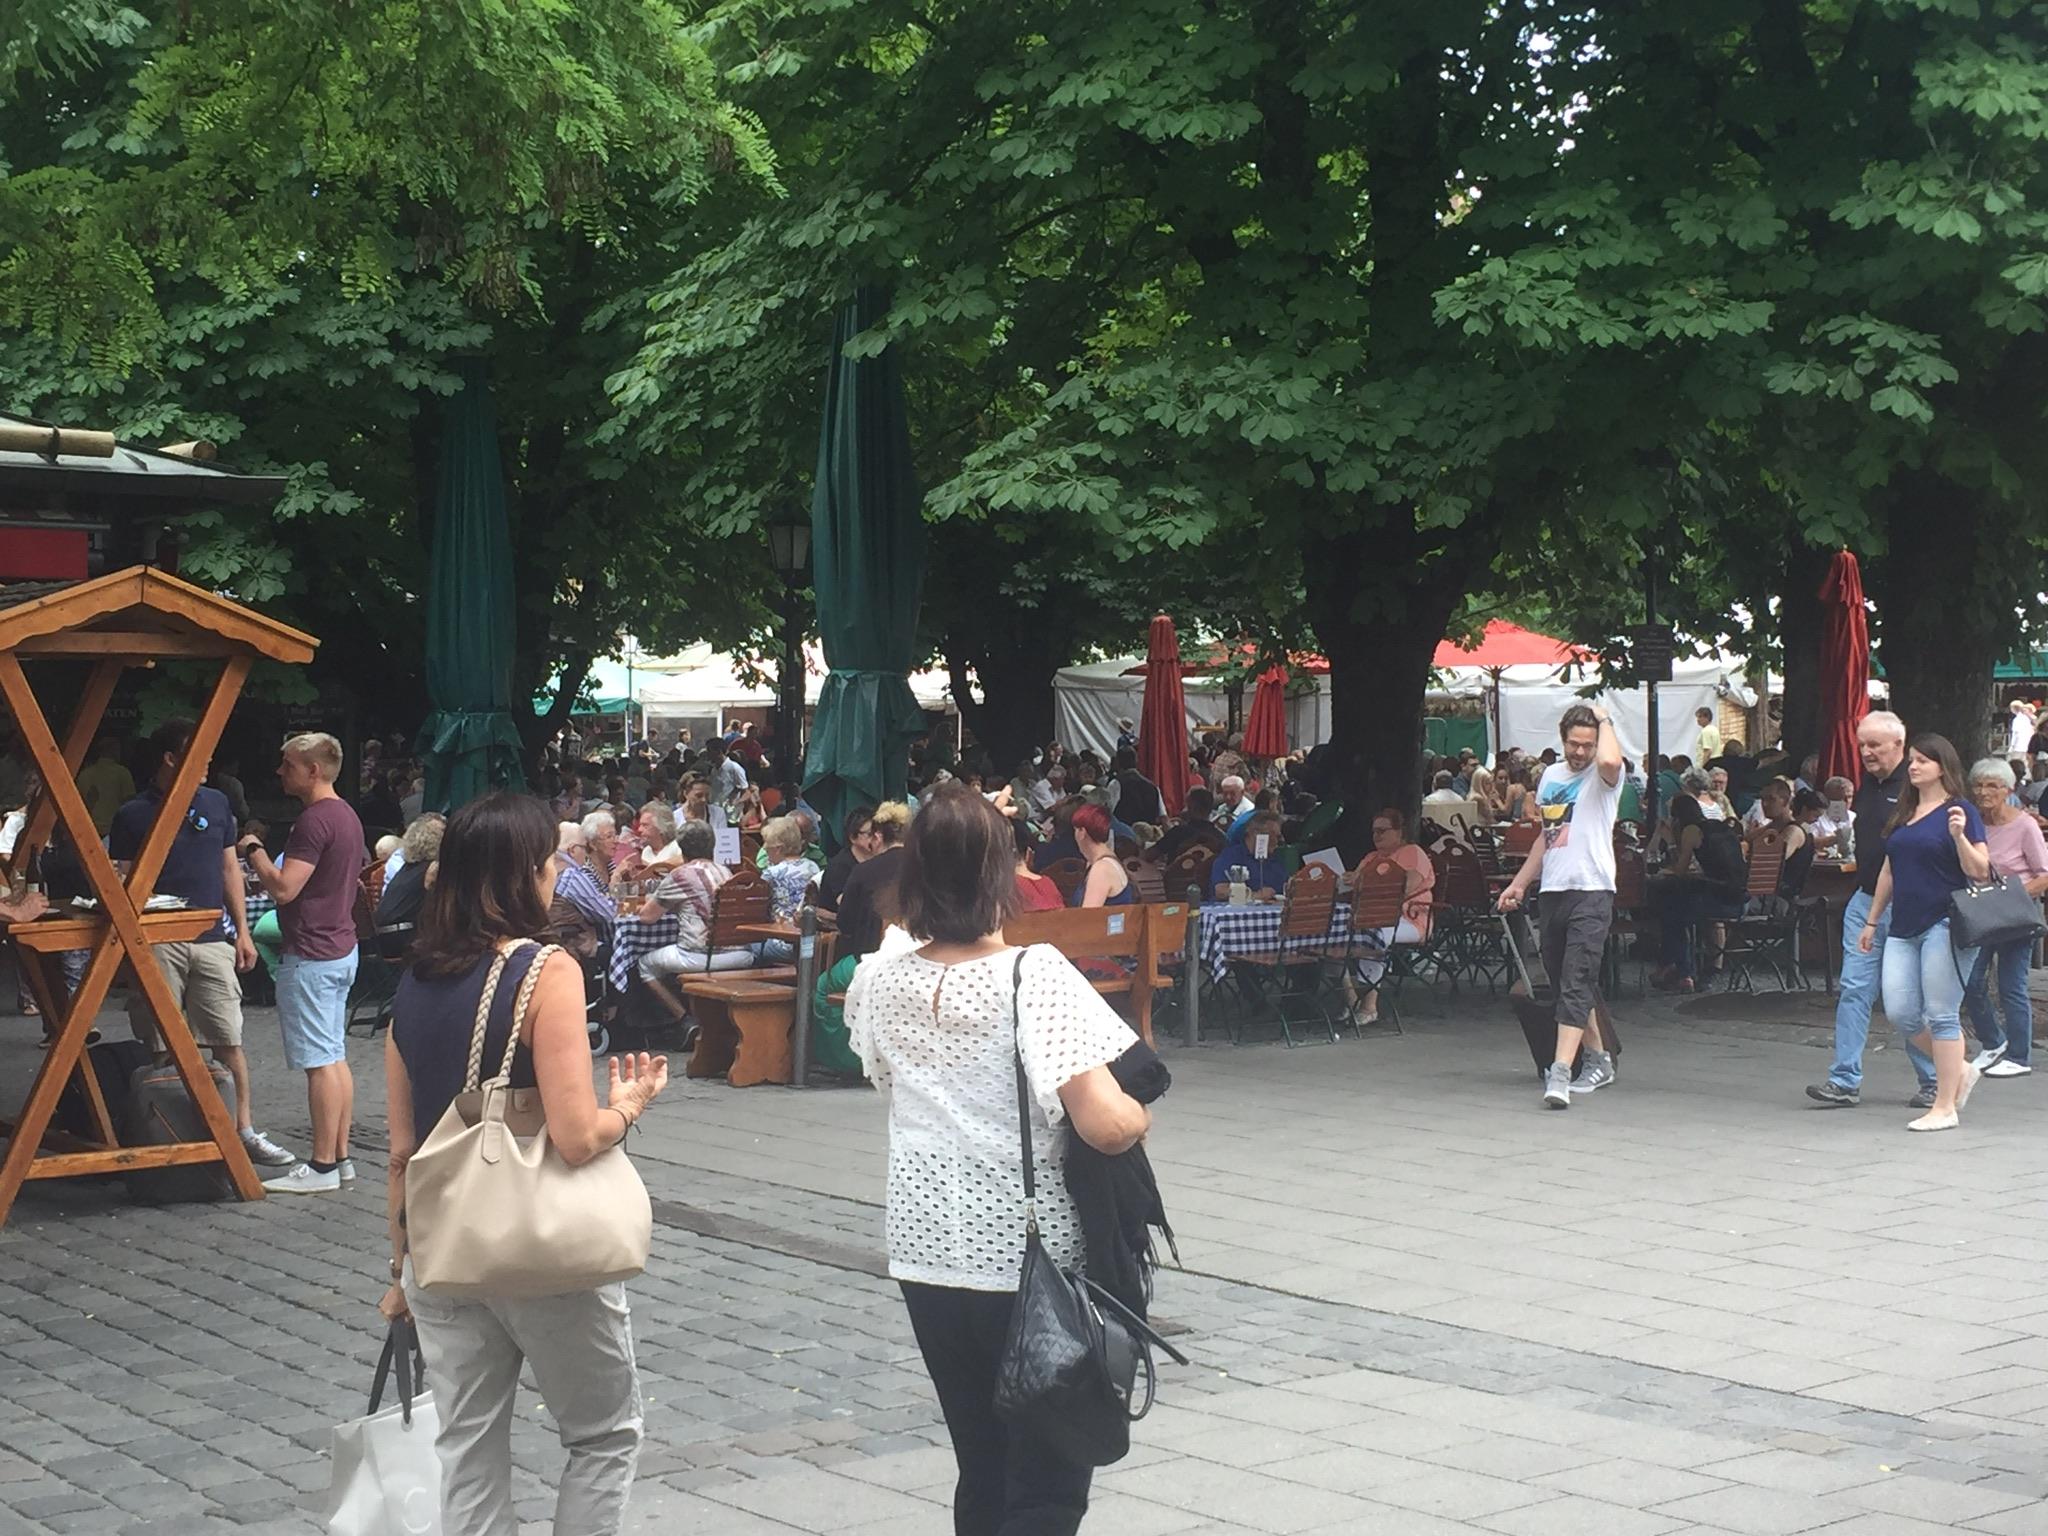 The Biergarten in Viktualiemarkt.